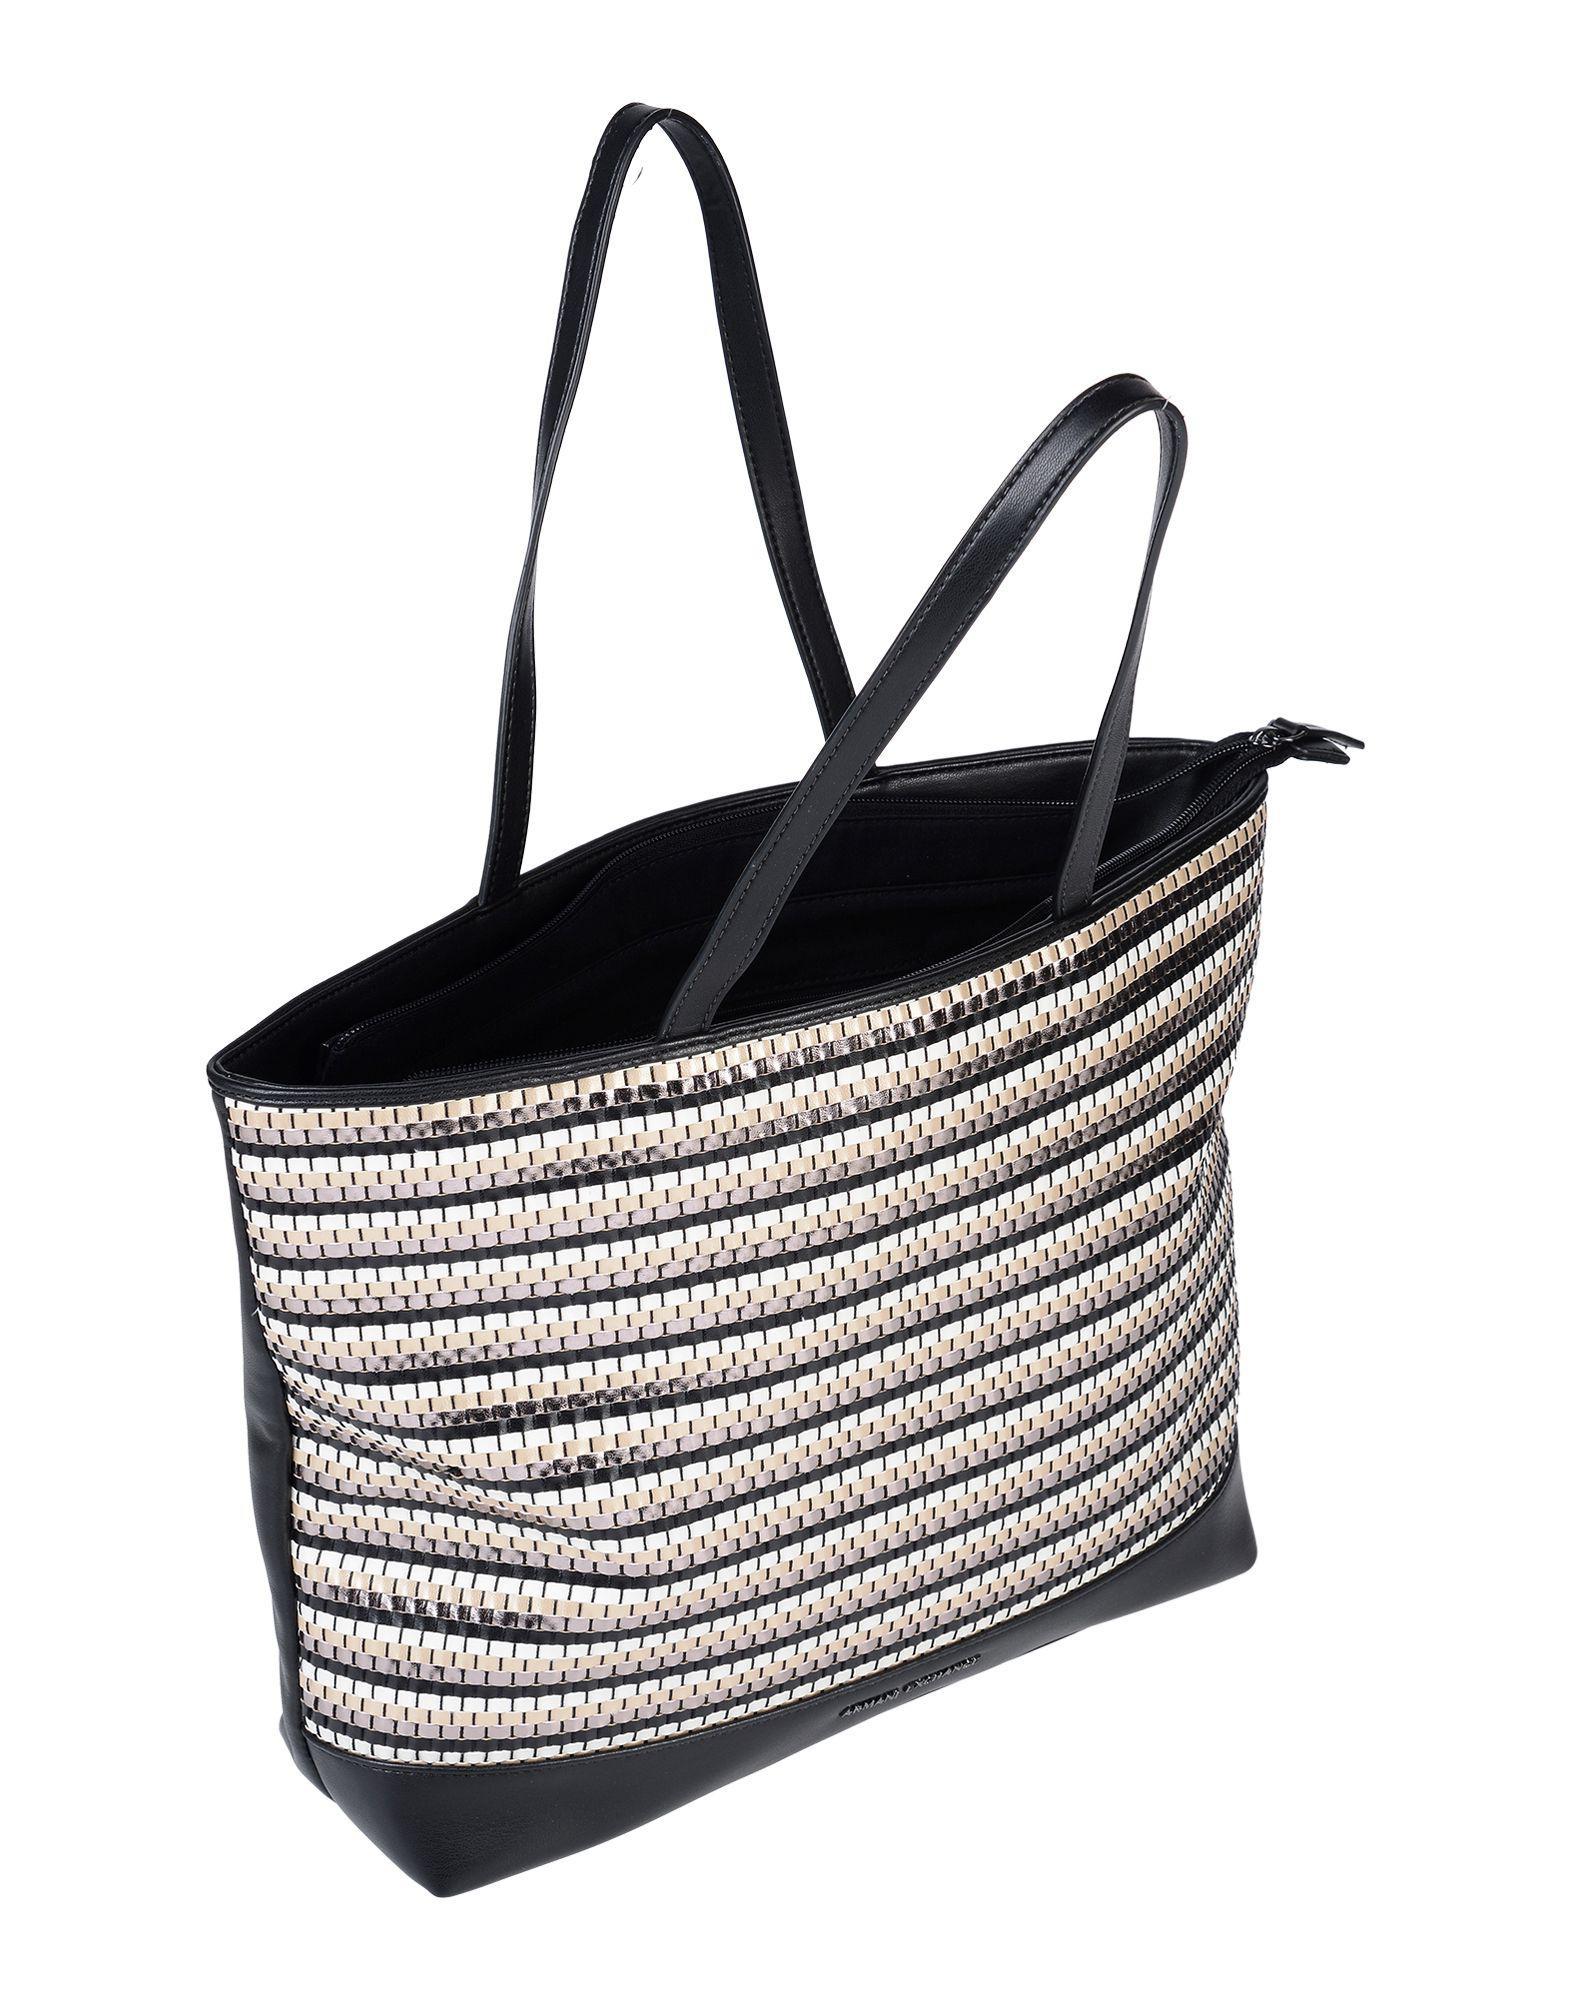 de0884dca8e Armani Exchange Handbag in Black - Lyst